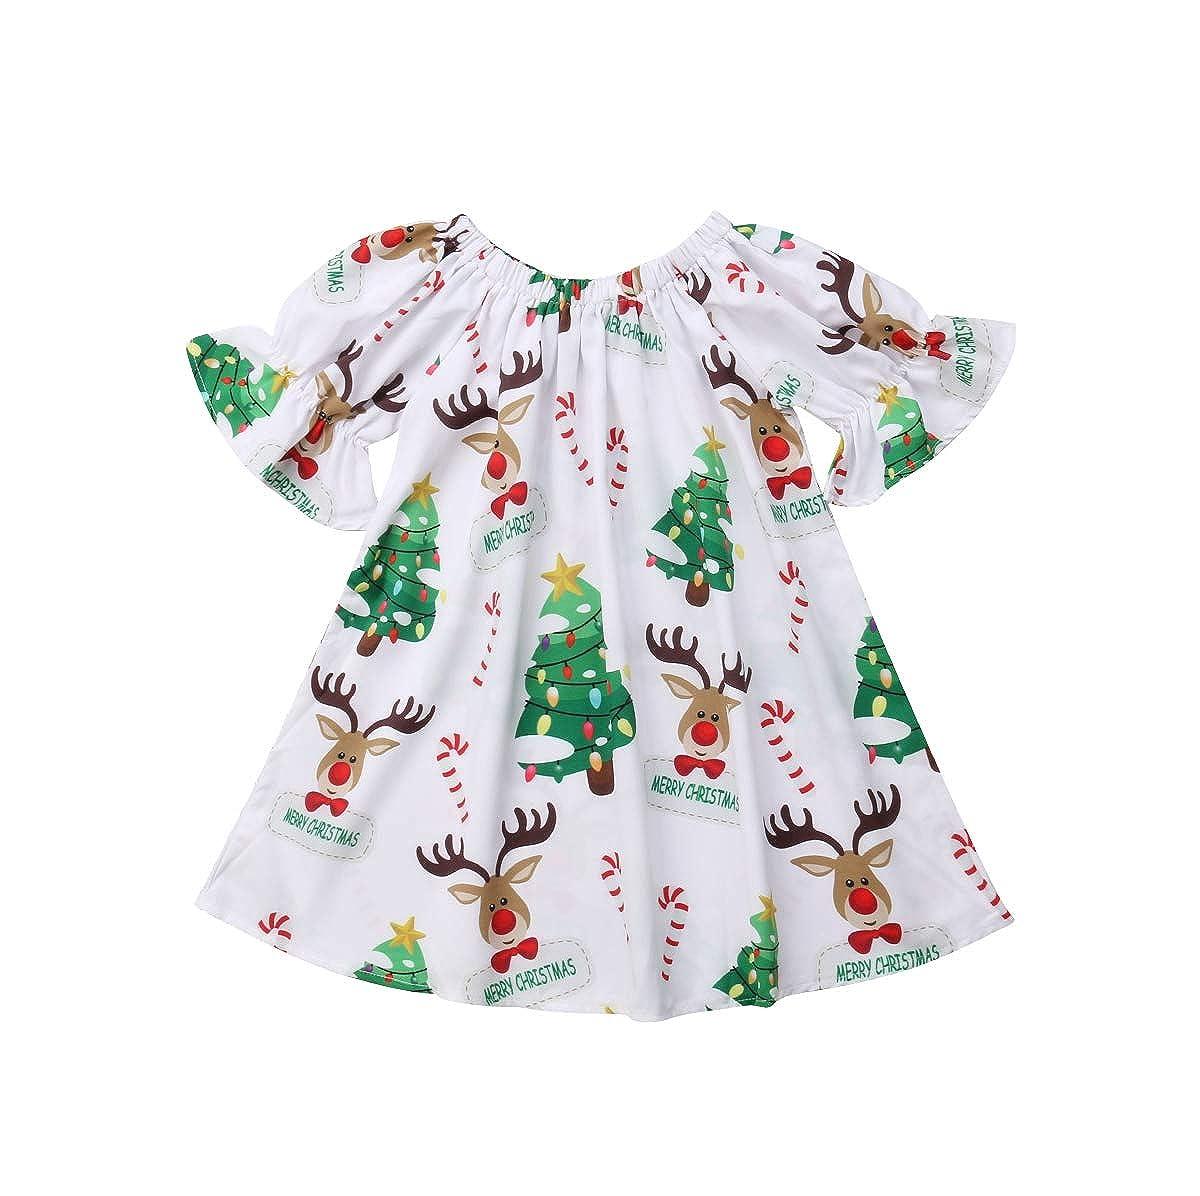 買い保障できる ABEE 12 DRESS ベビーガールズ 9 B07GZPB811 9 - 12 Months クリスマスツリー B07GZPB811, スマホケース&カバー専門デザスマ:71778bf2 --- a0267596.xsph.ru